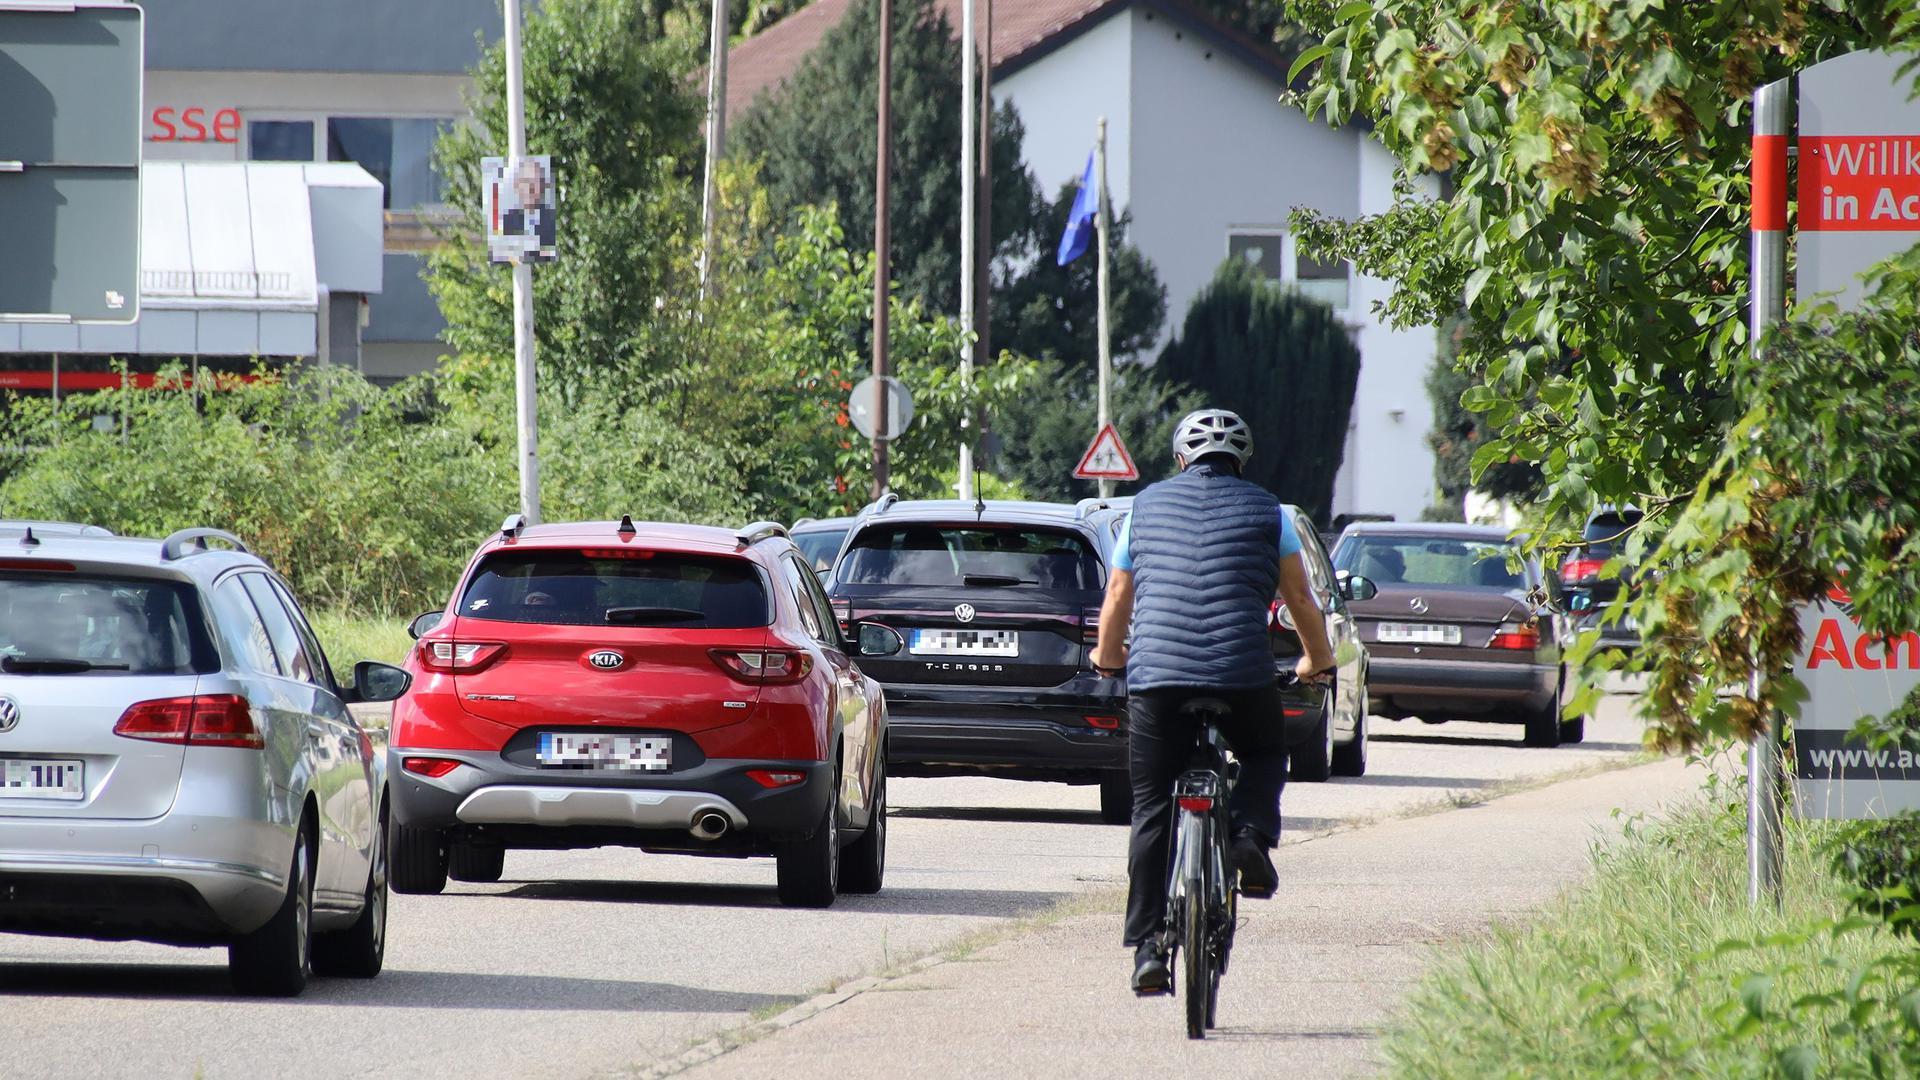 Radfahrer und Autos in der Sasbacher Straße in Achern